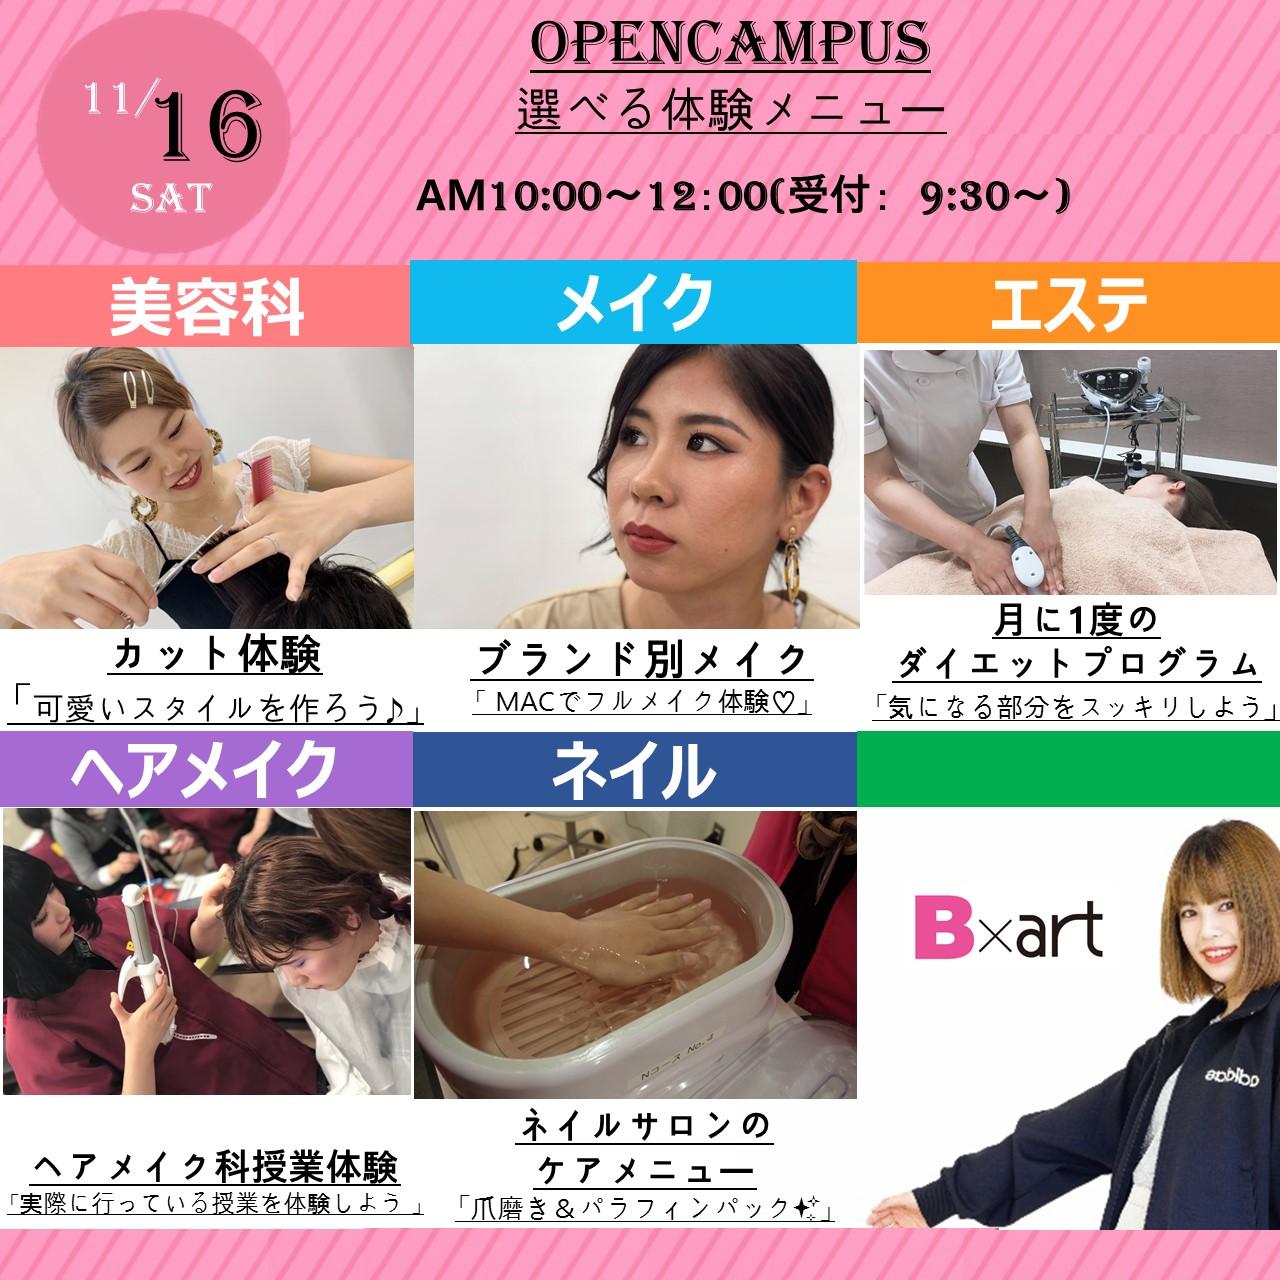 11月16日イベカレ用PPT フォーマット - 横VER.jpg